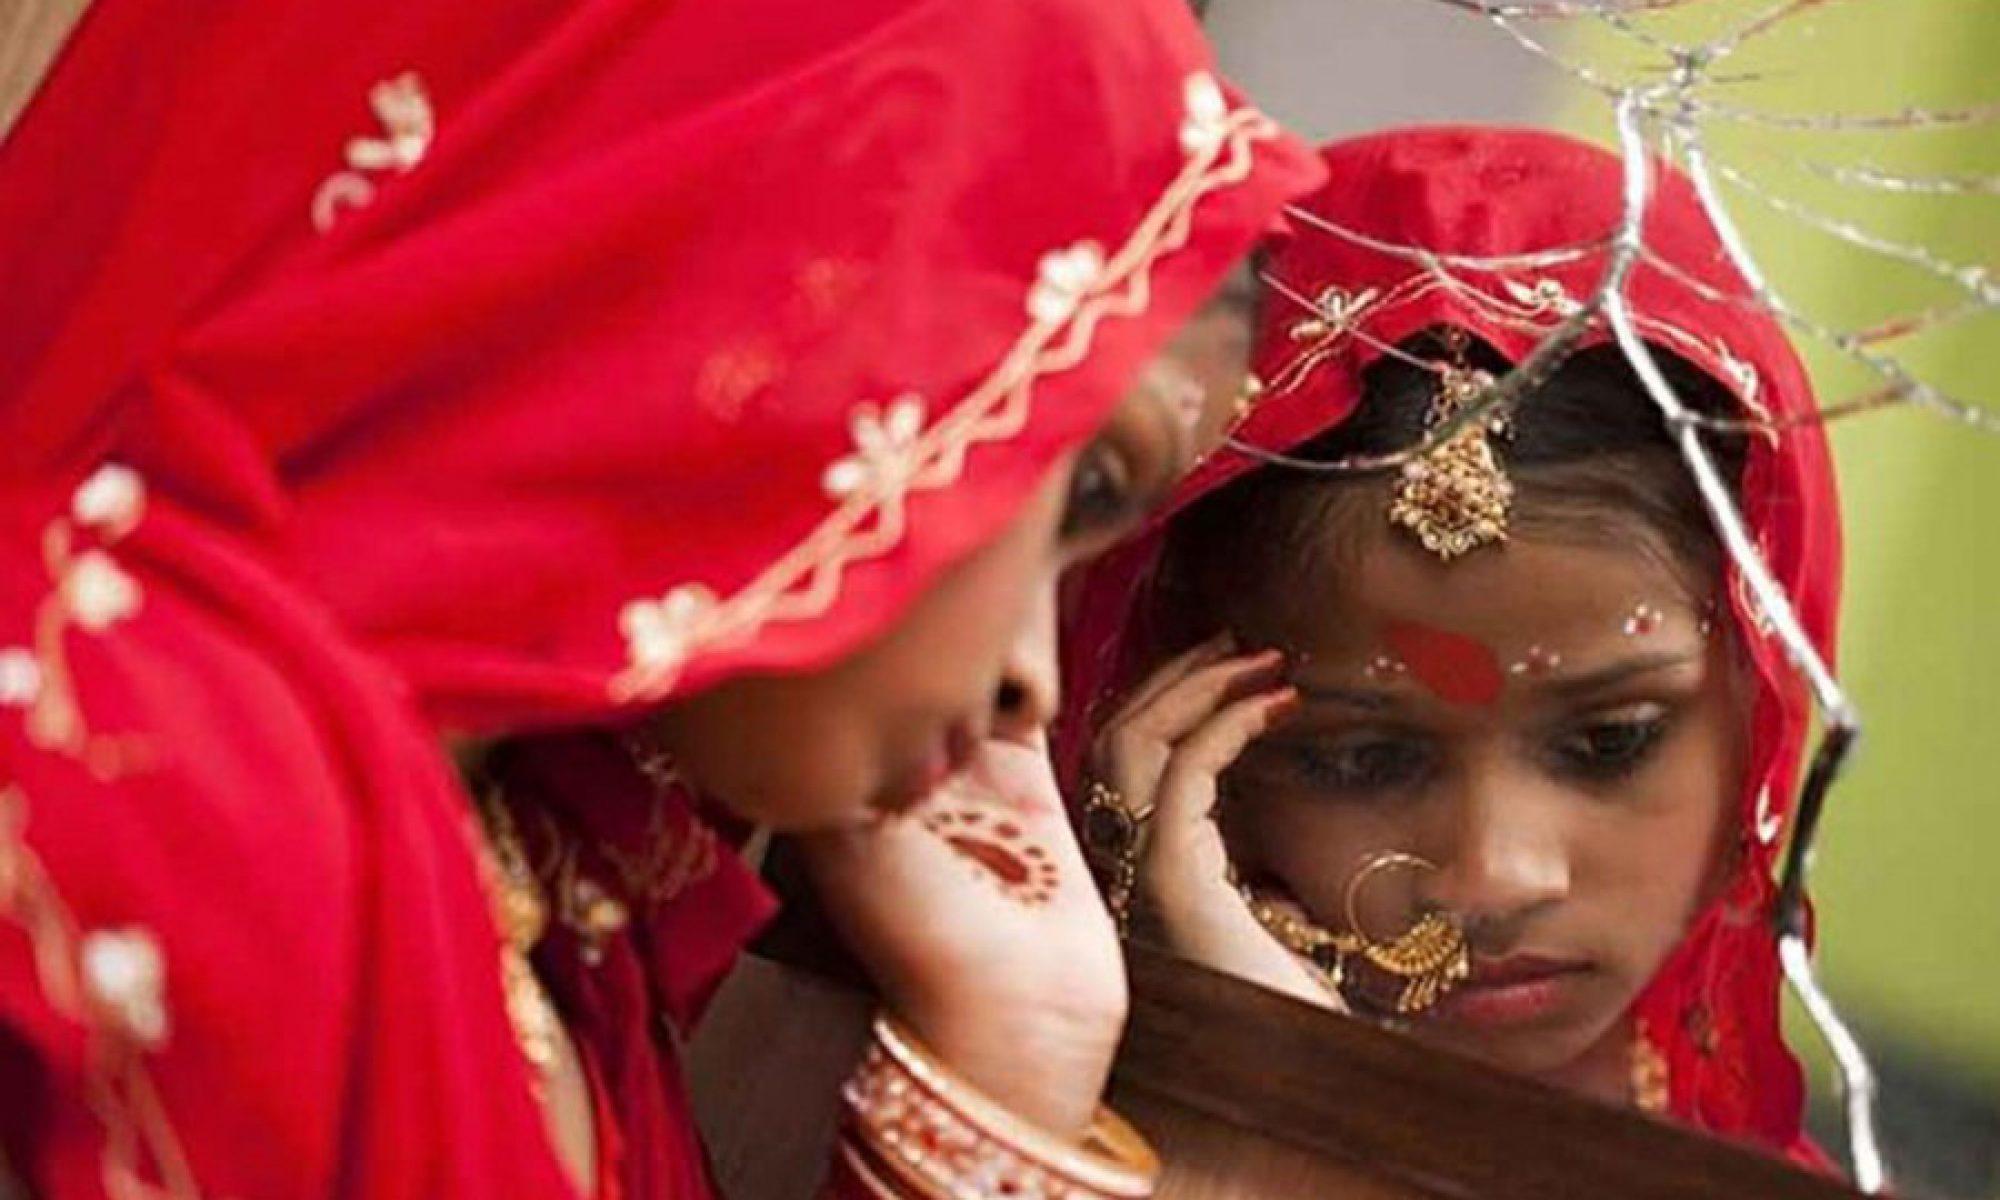 Hindistan'da Aşk Cihadı'na karşı 'aşka fırsat ver' kampanyası